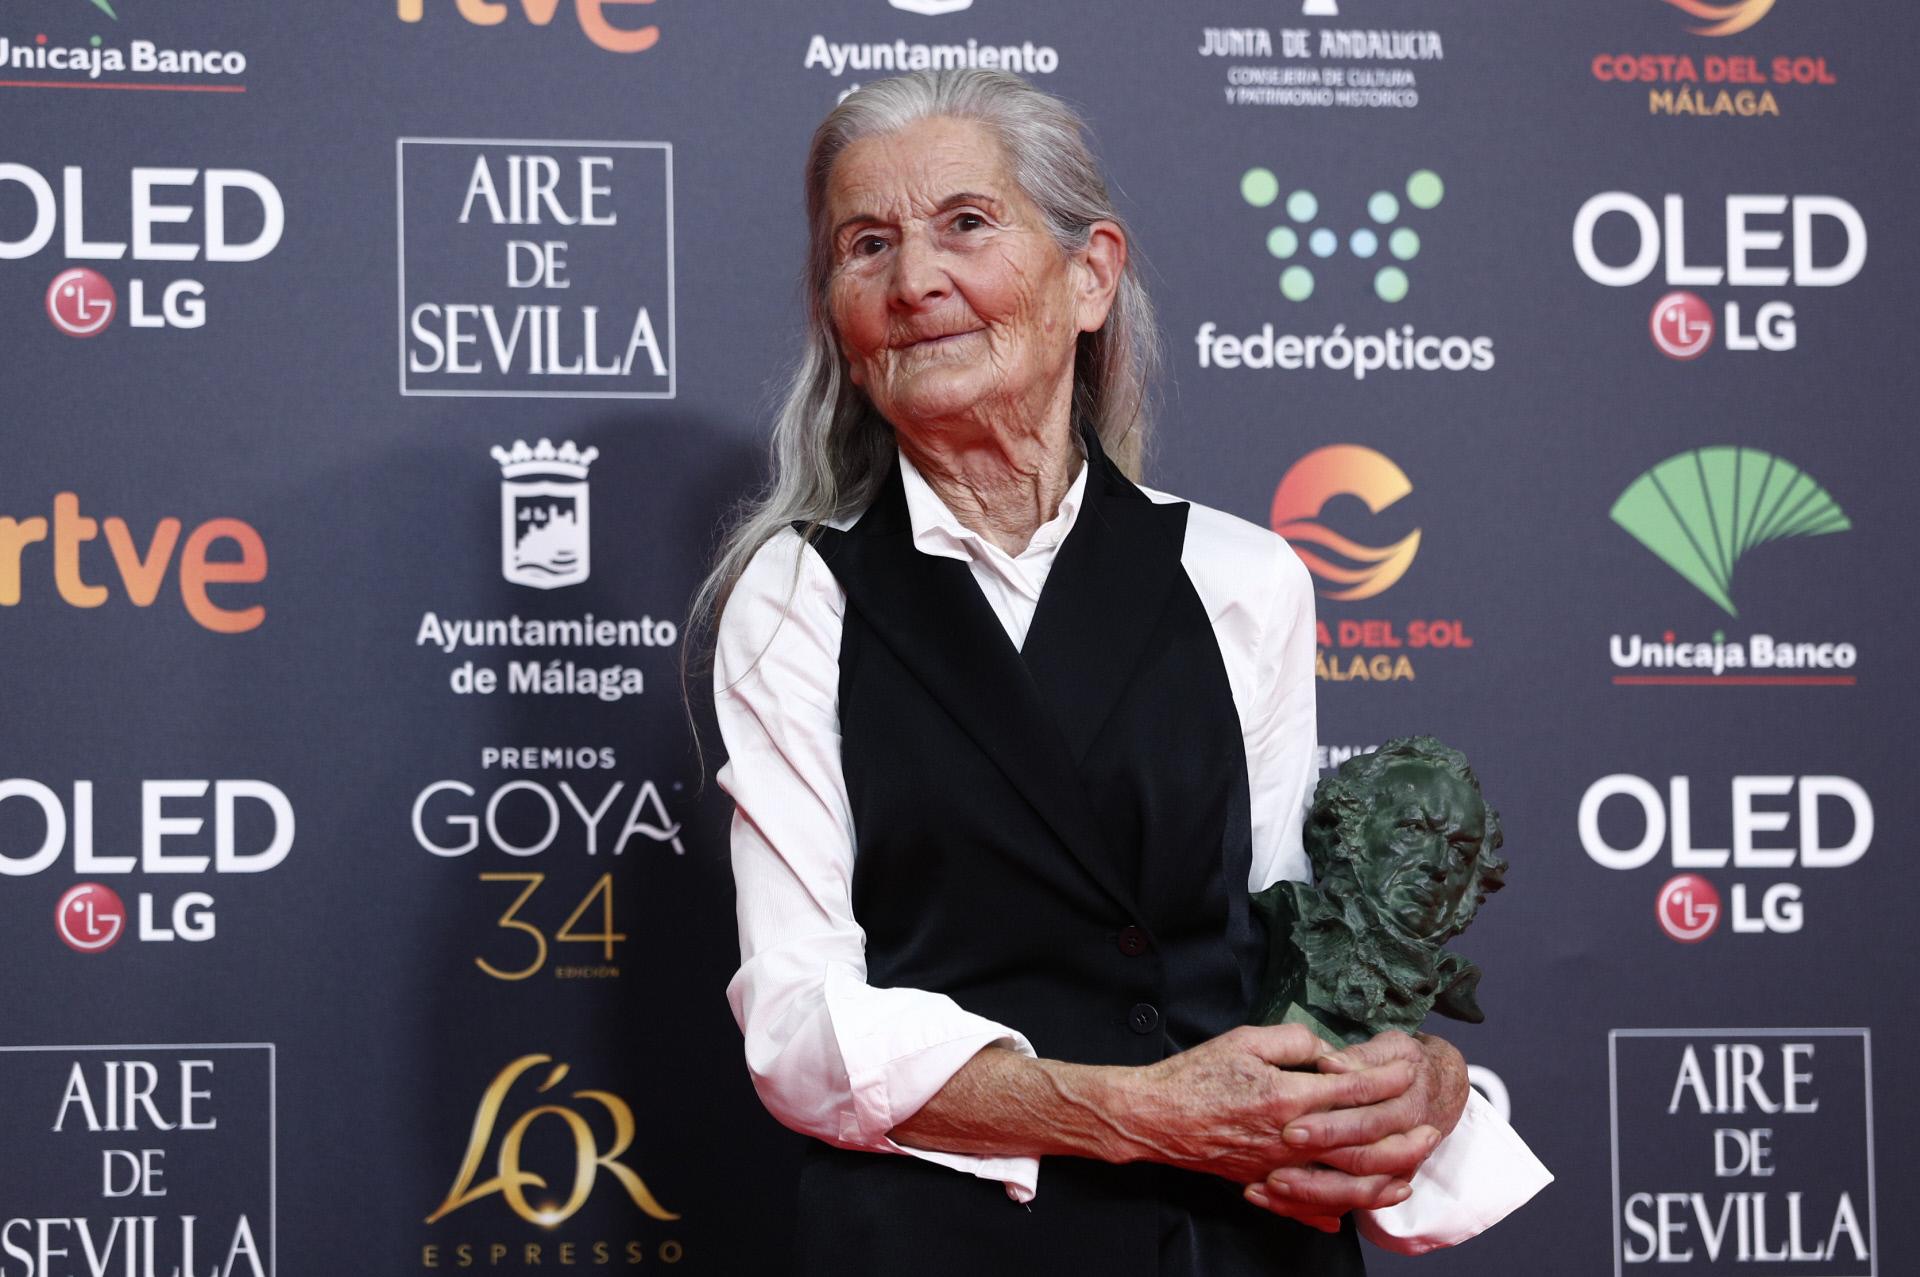 A los 84 años, Benedicta Sánchez ganó el Goya a Mejor Actriz Revelación.